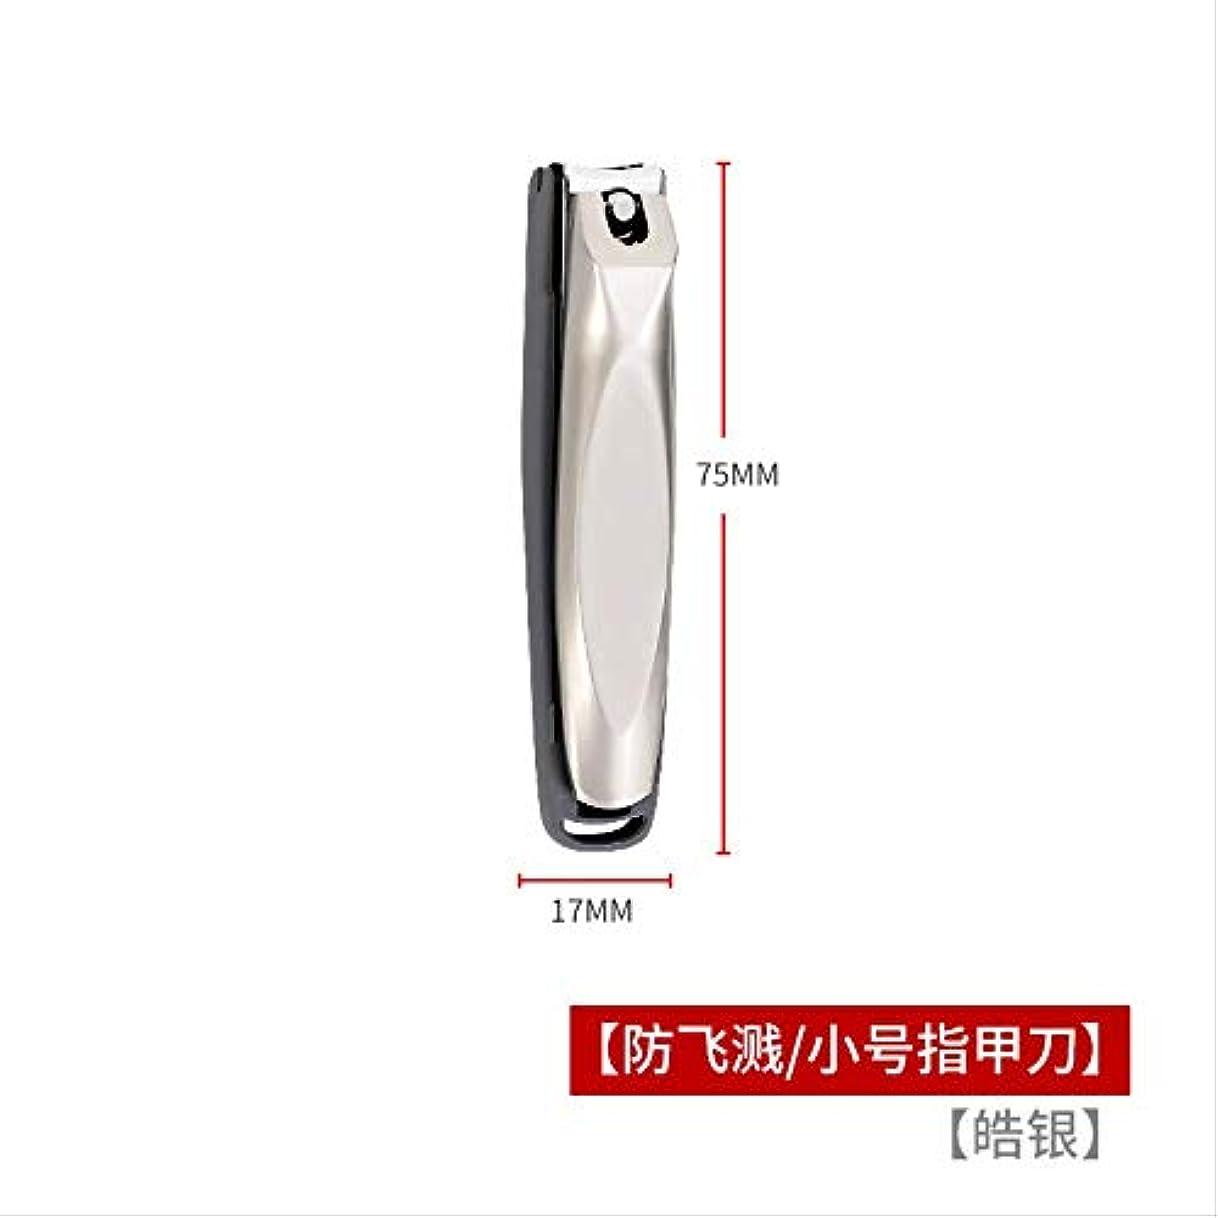 排泄する種類自動的に爪切りステンレス鋼爪切りクリエイティブシングルスプラッシュネイルカット B2シルバー*抗スプラッシュ*小さな鉄の箱